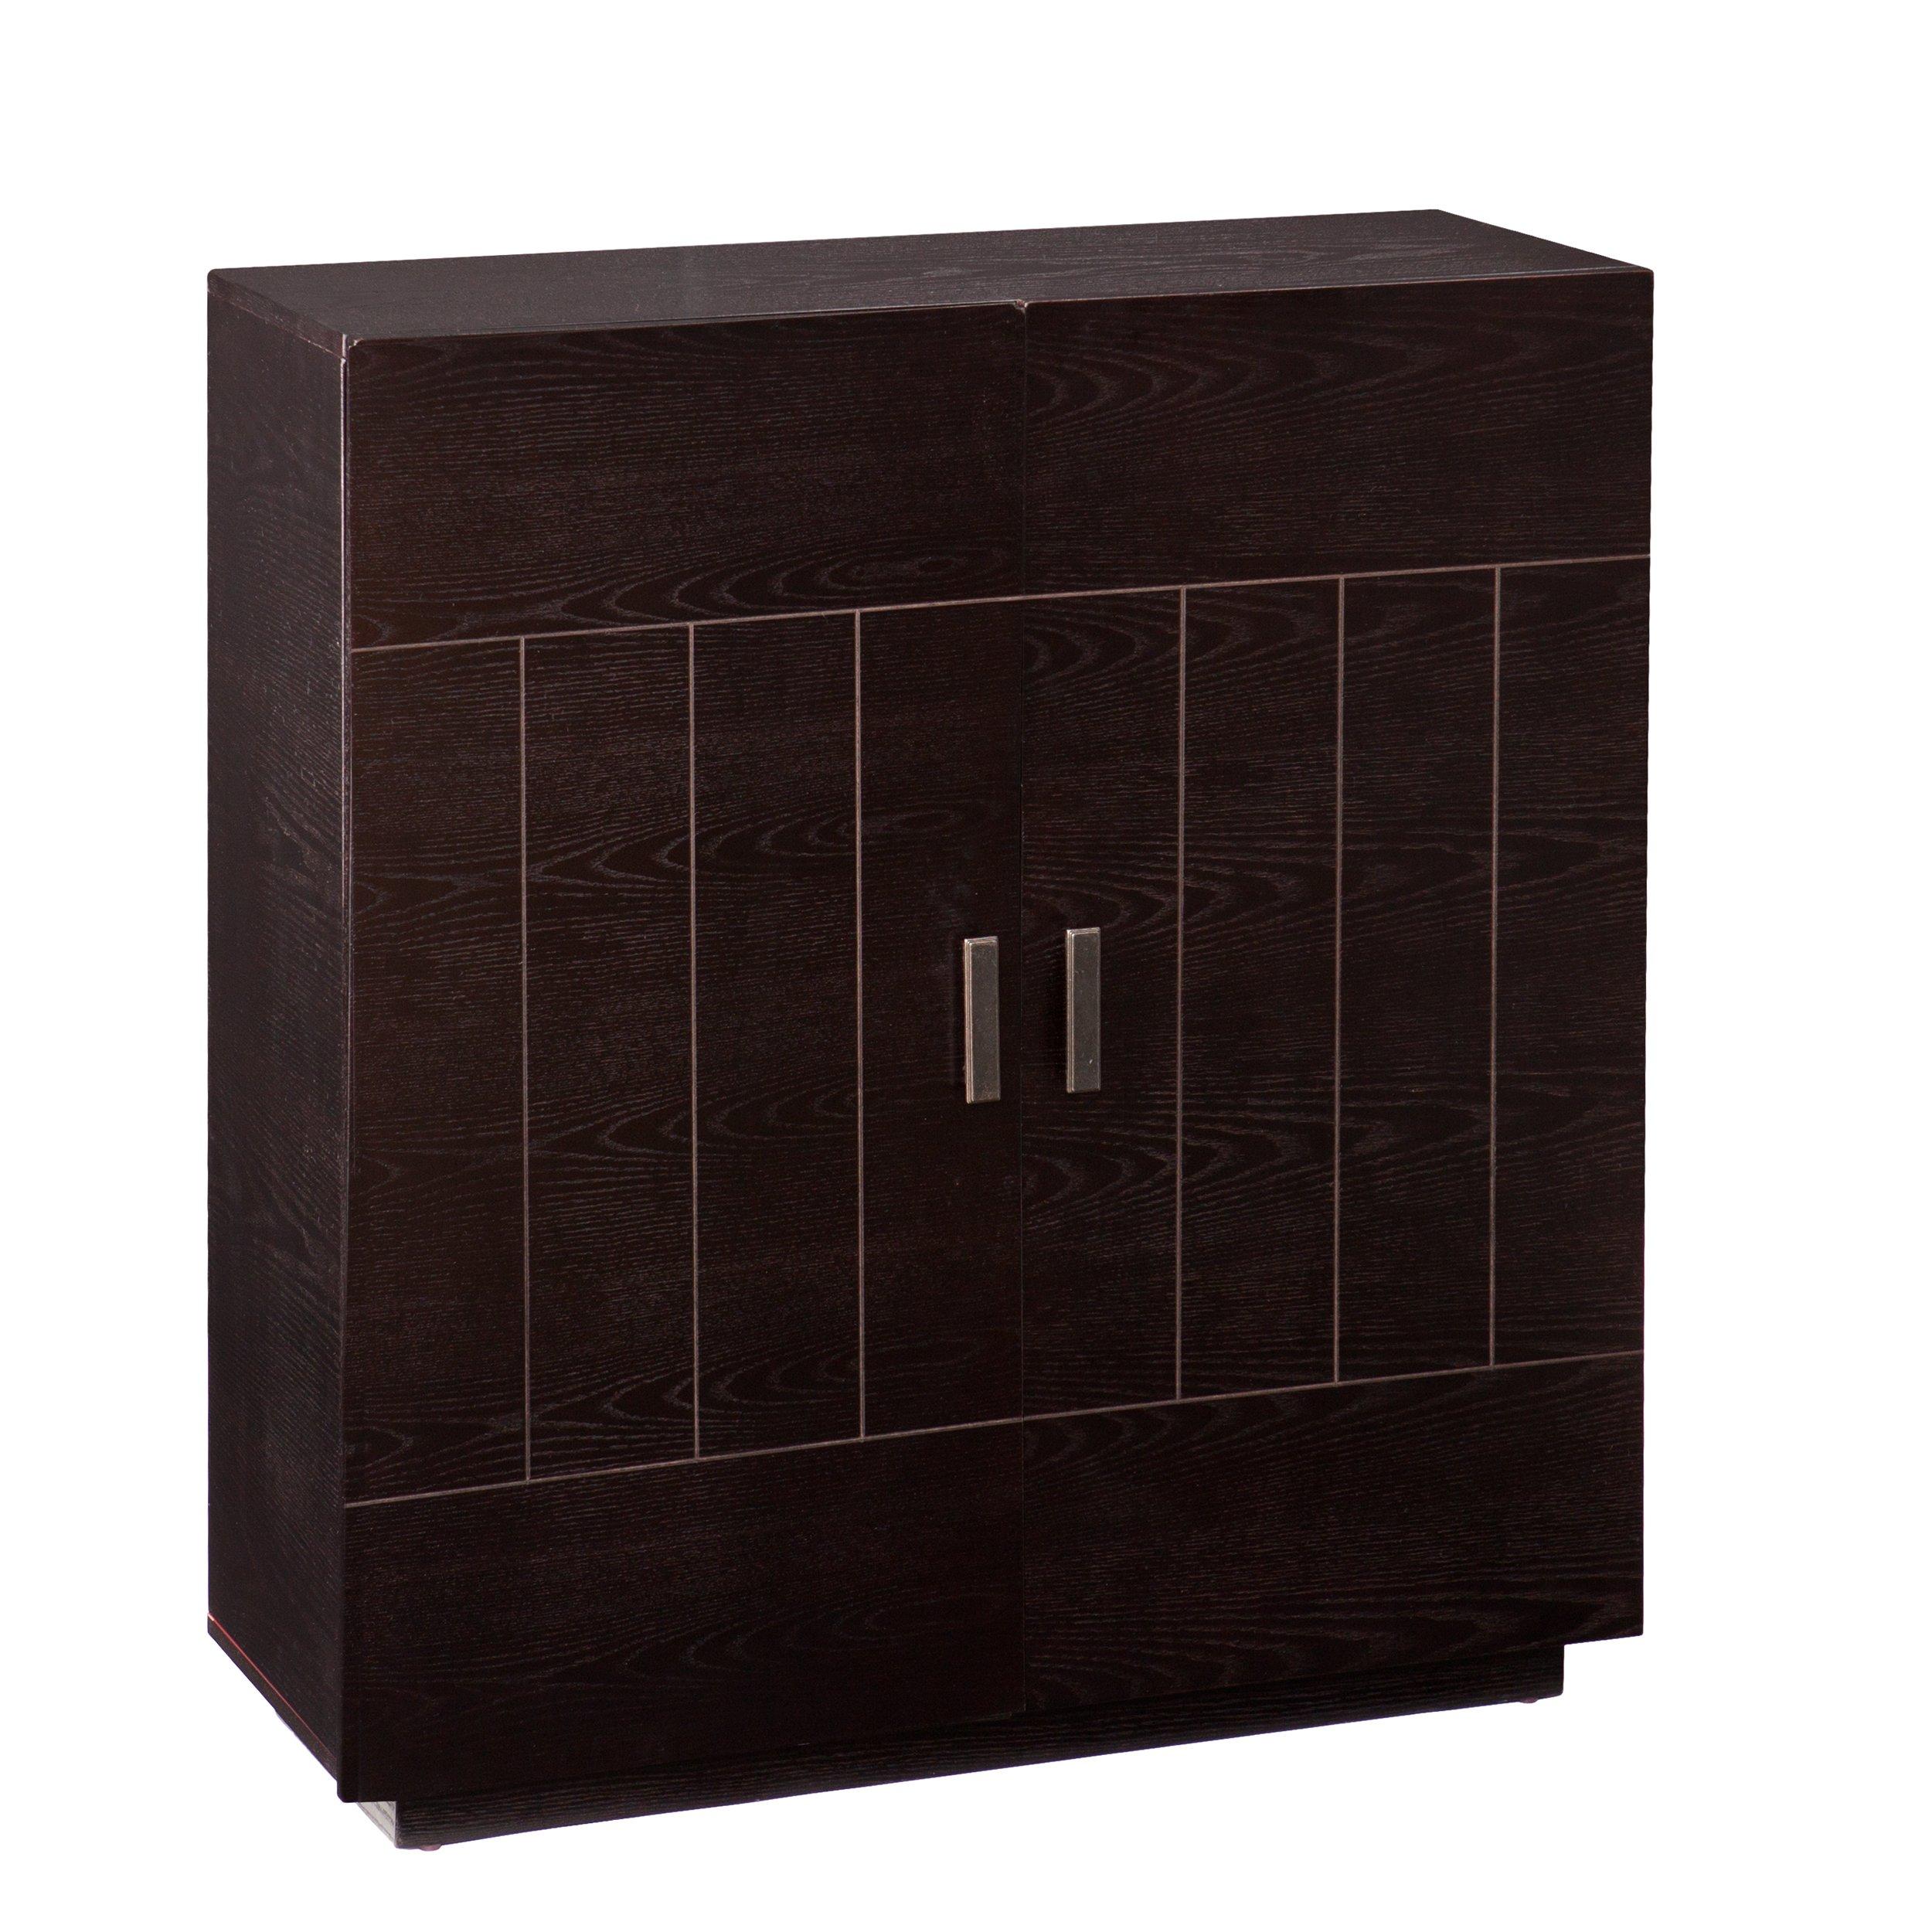 Southern Enterprises AMZ7401ZH Marc Bar Cabinet by Southern Enterprises (Image #4)